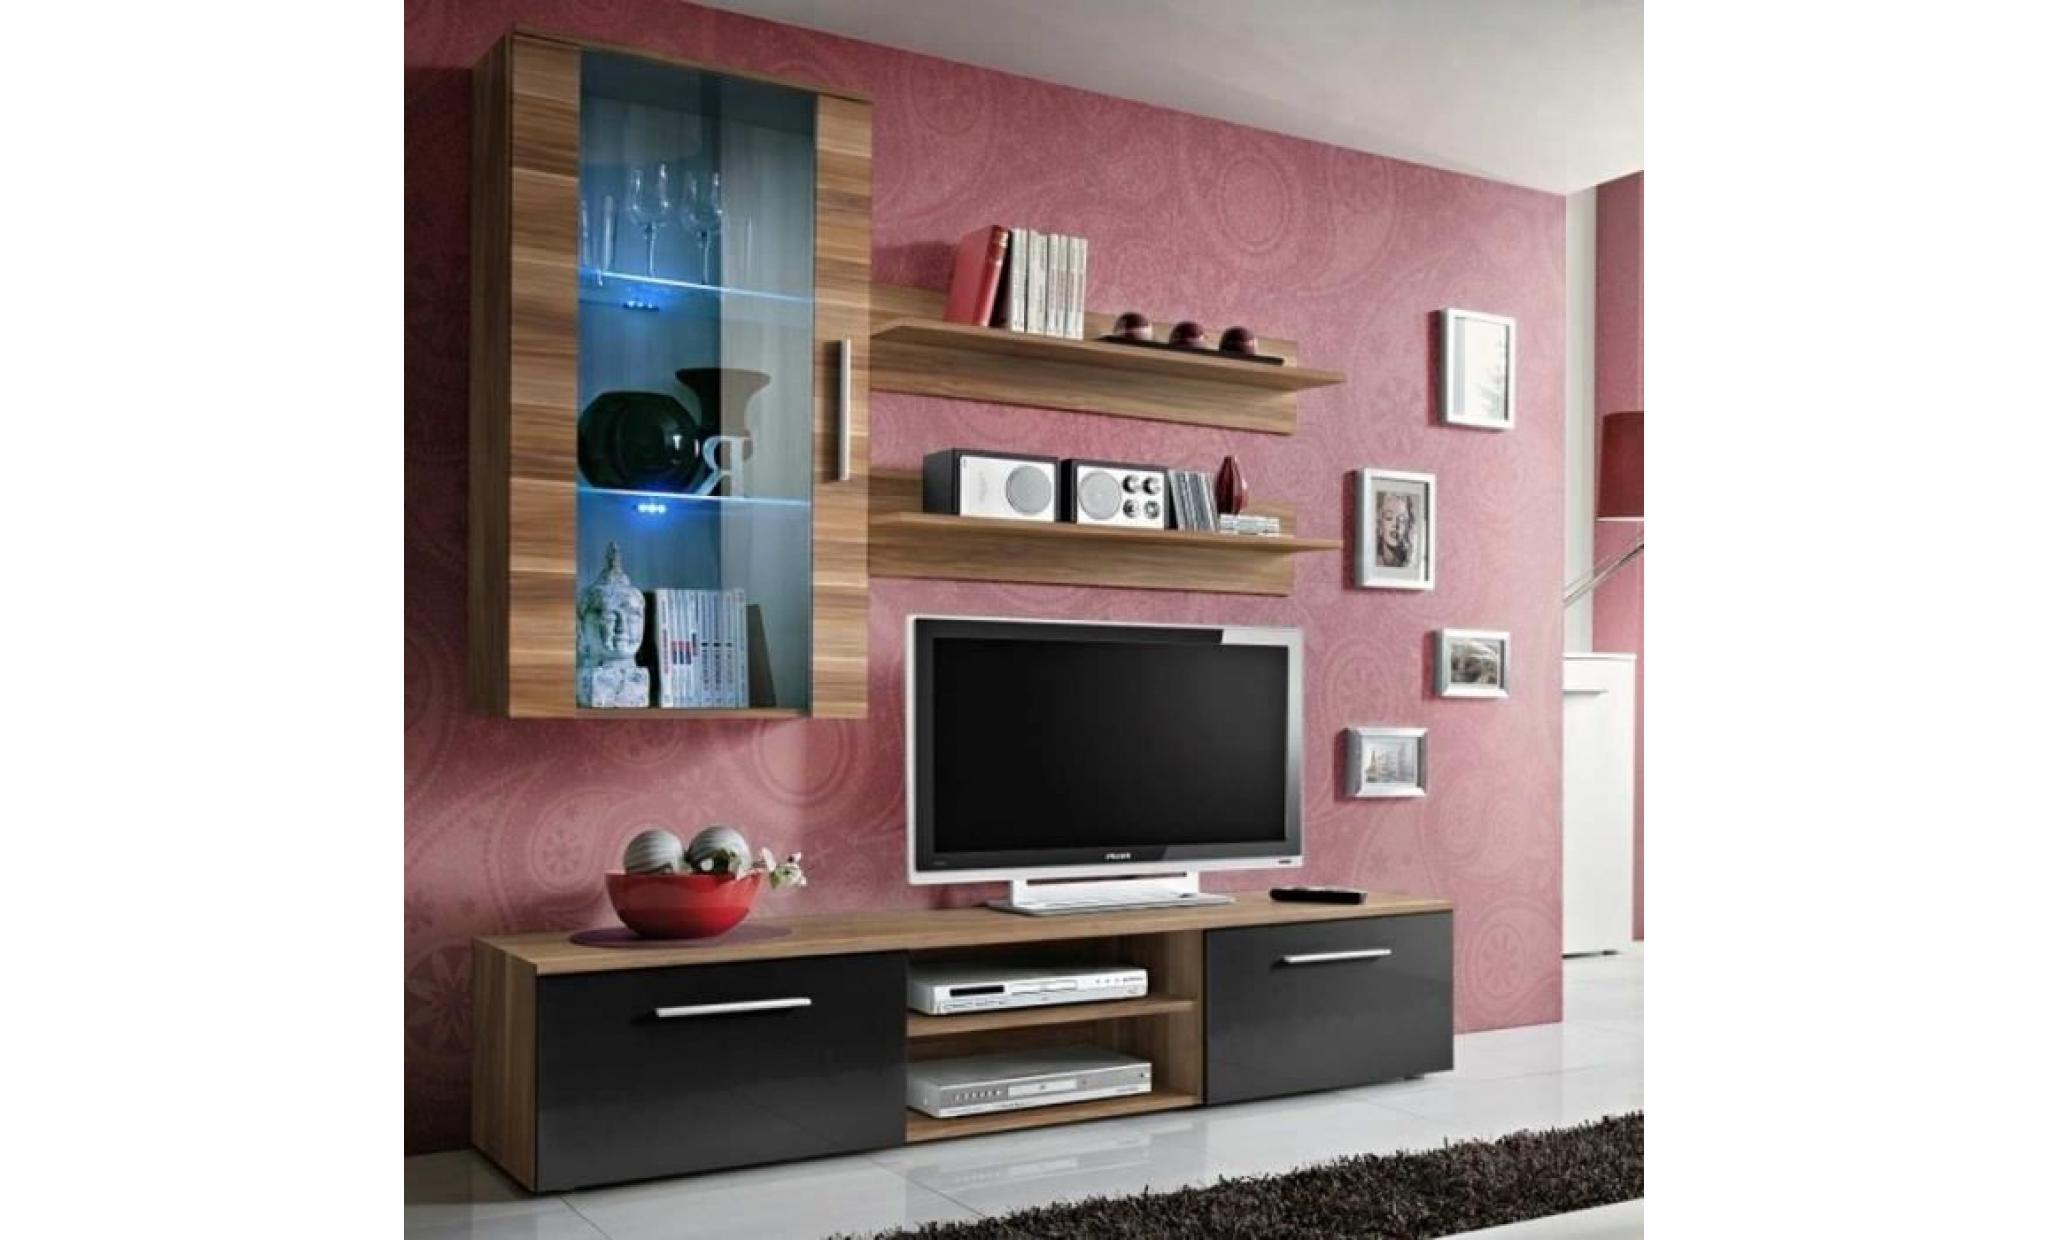 paris prix meuble tv mural design galino v wood blanc brun marron achat vente meuble tv pas cher couleur et design fr